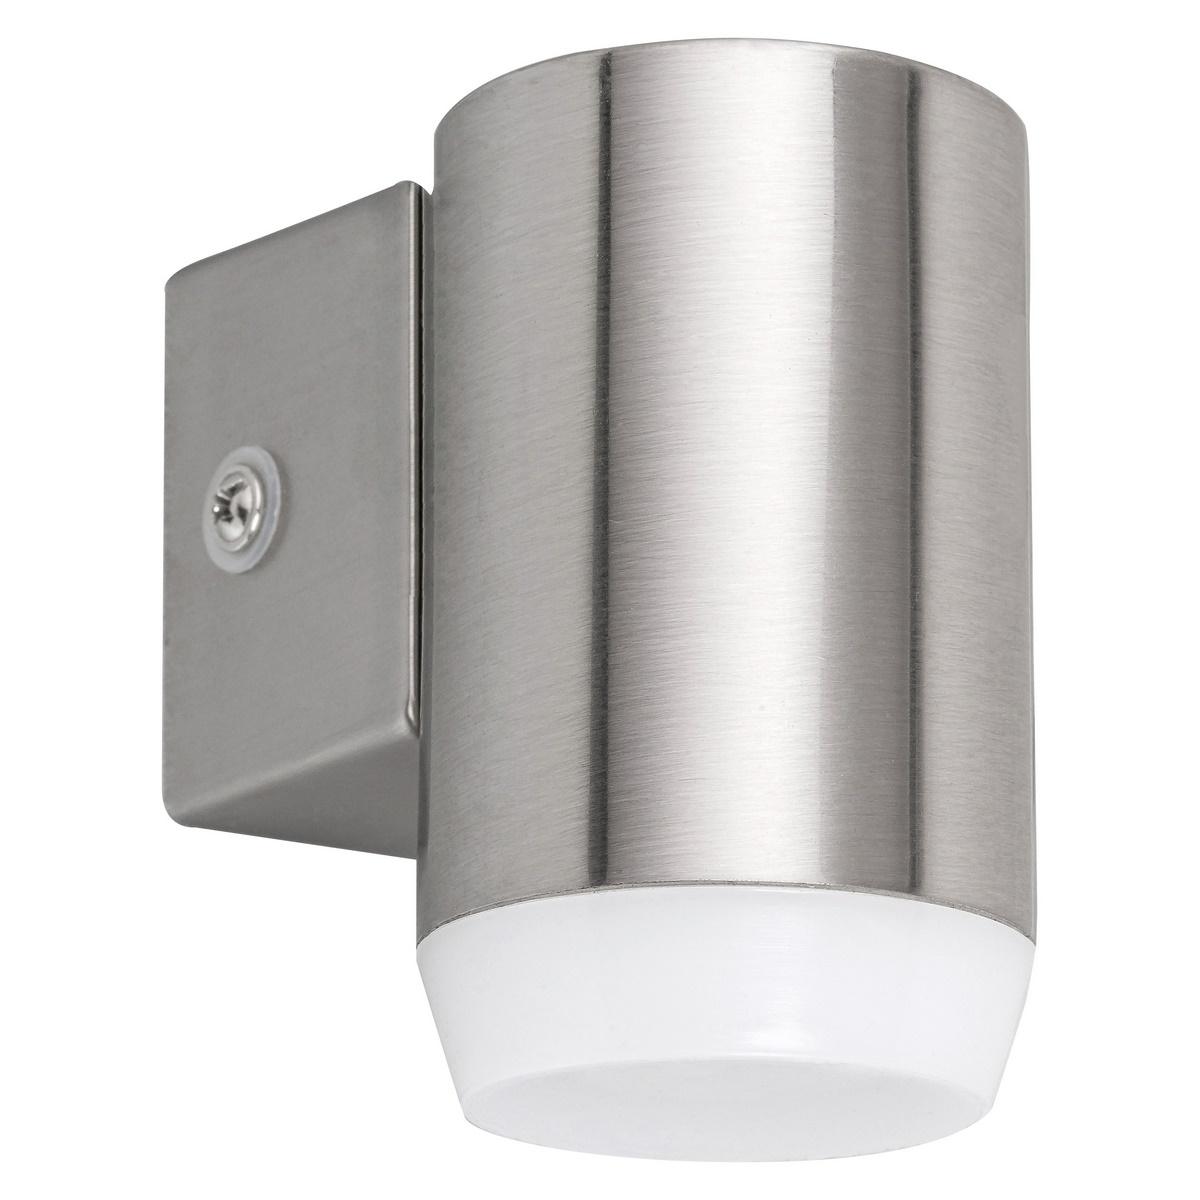 Rabalux 8936 Catania Venkovní LED nástěnné svítidlo, šedá